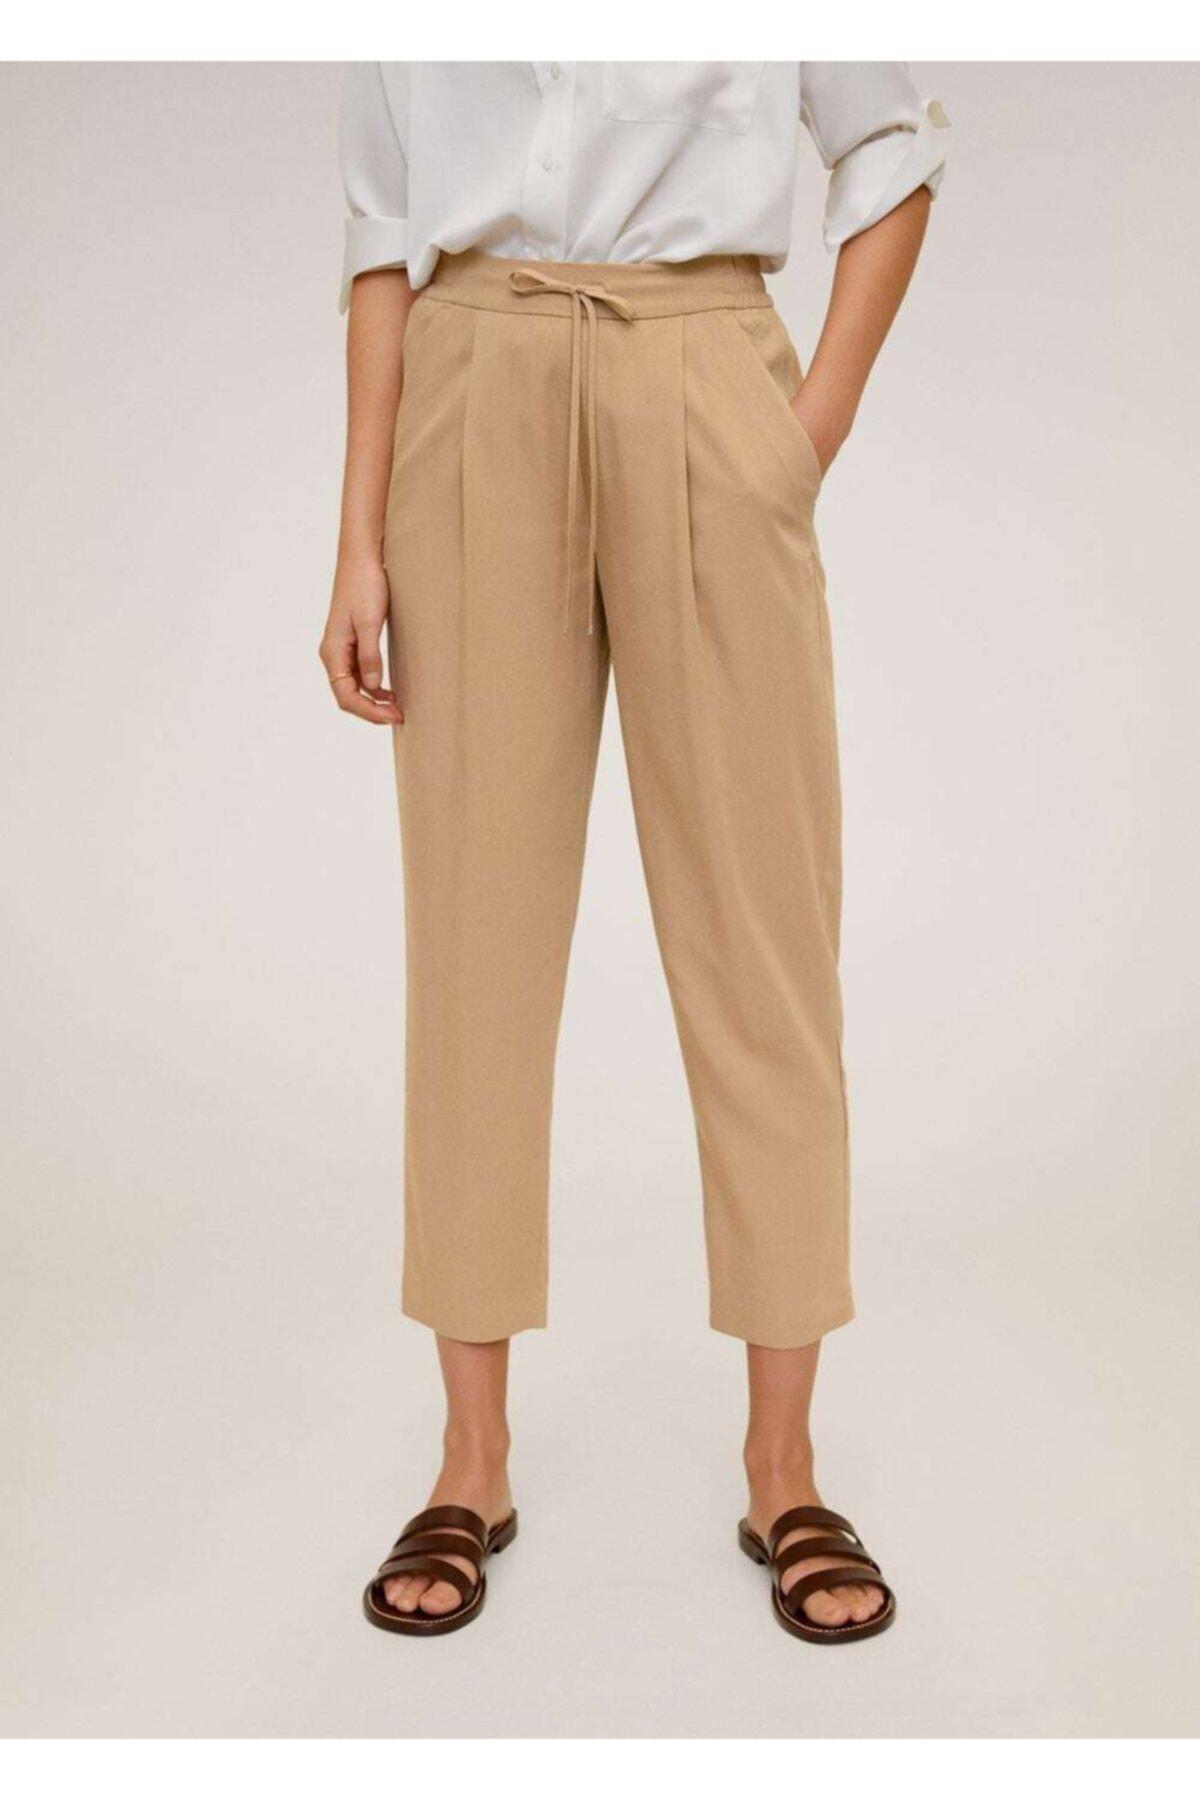 MANGO Woman Kadın Orta Kahverengi Bağcıklı Takım Pantolon 67056705 1